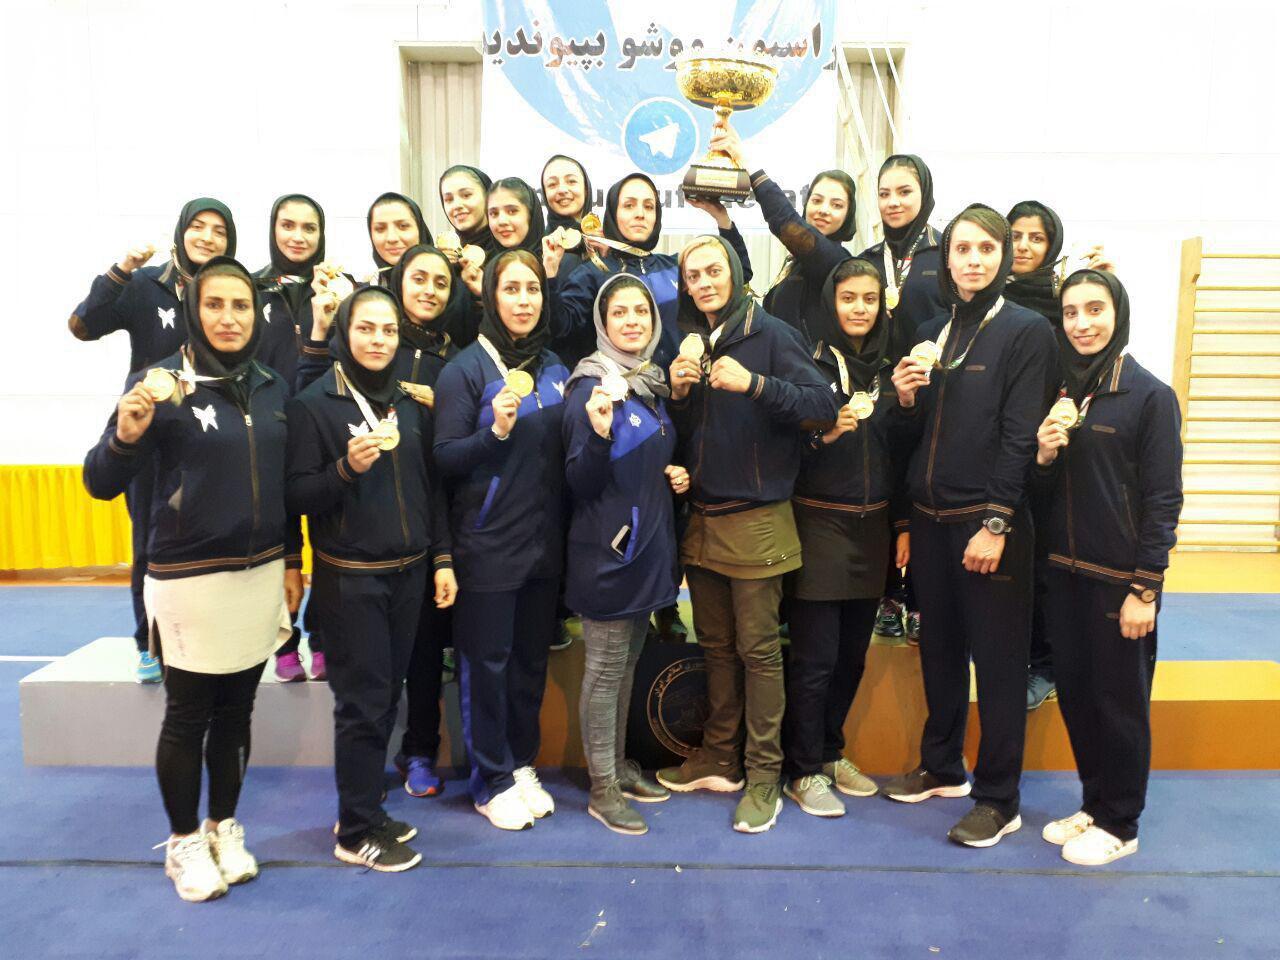 اسامی بازیکنان تیم ووشوی دانشگاه آزاد در لیگ برتر ووشوی بانوان